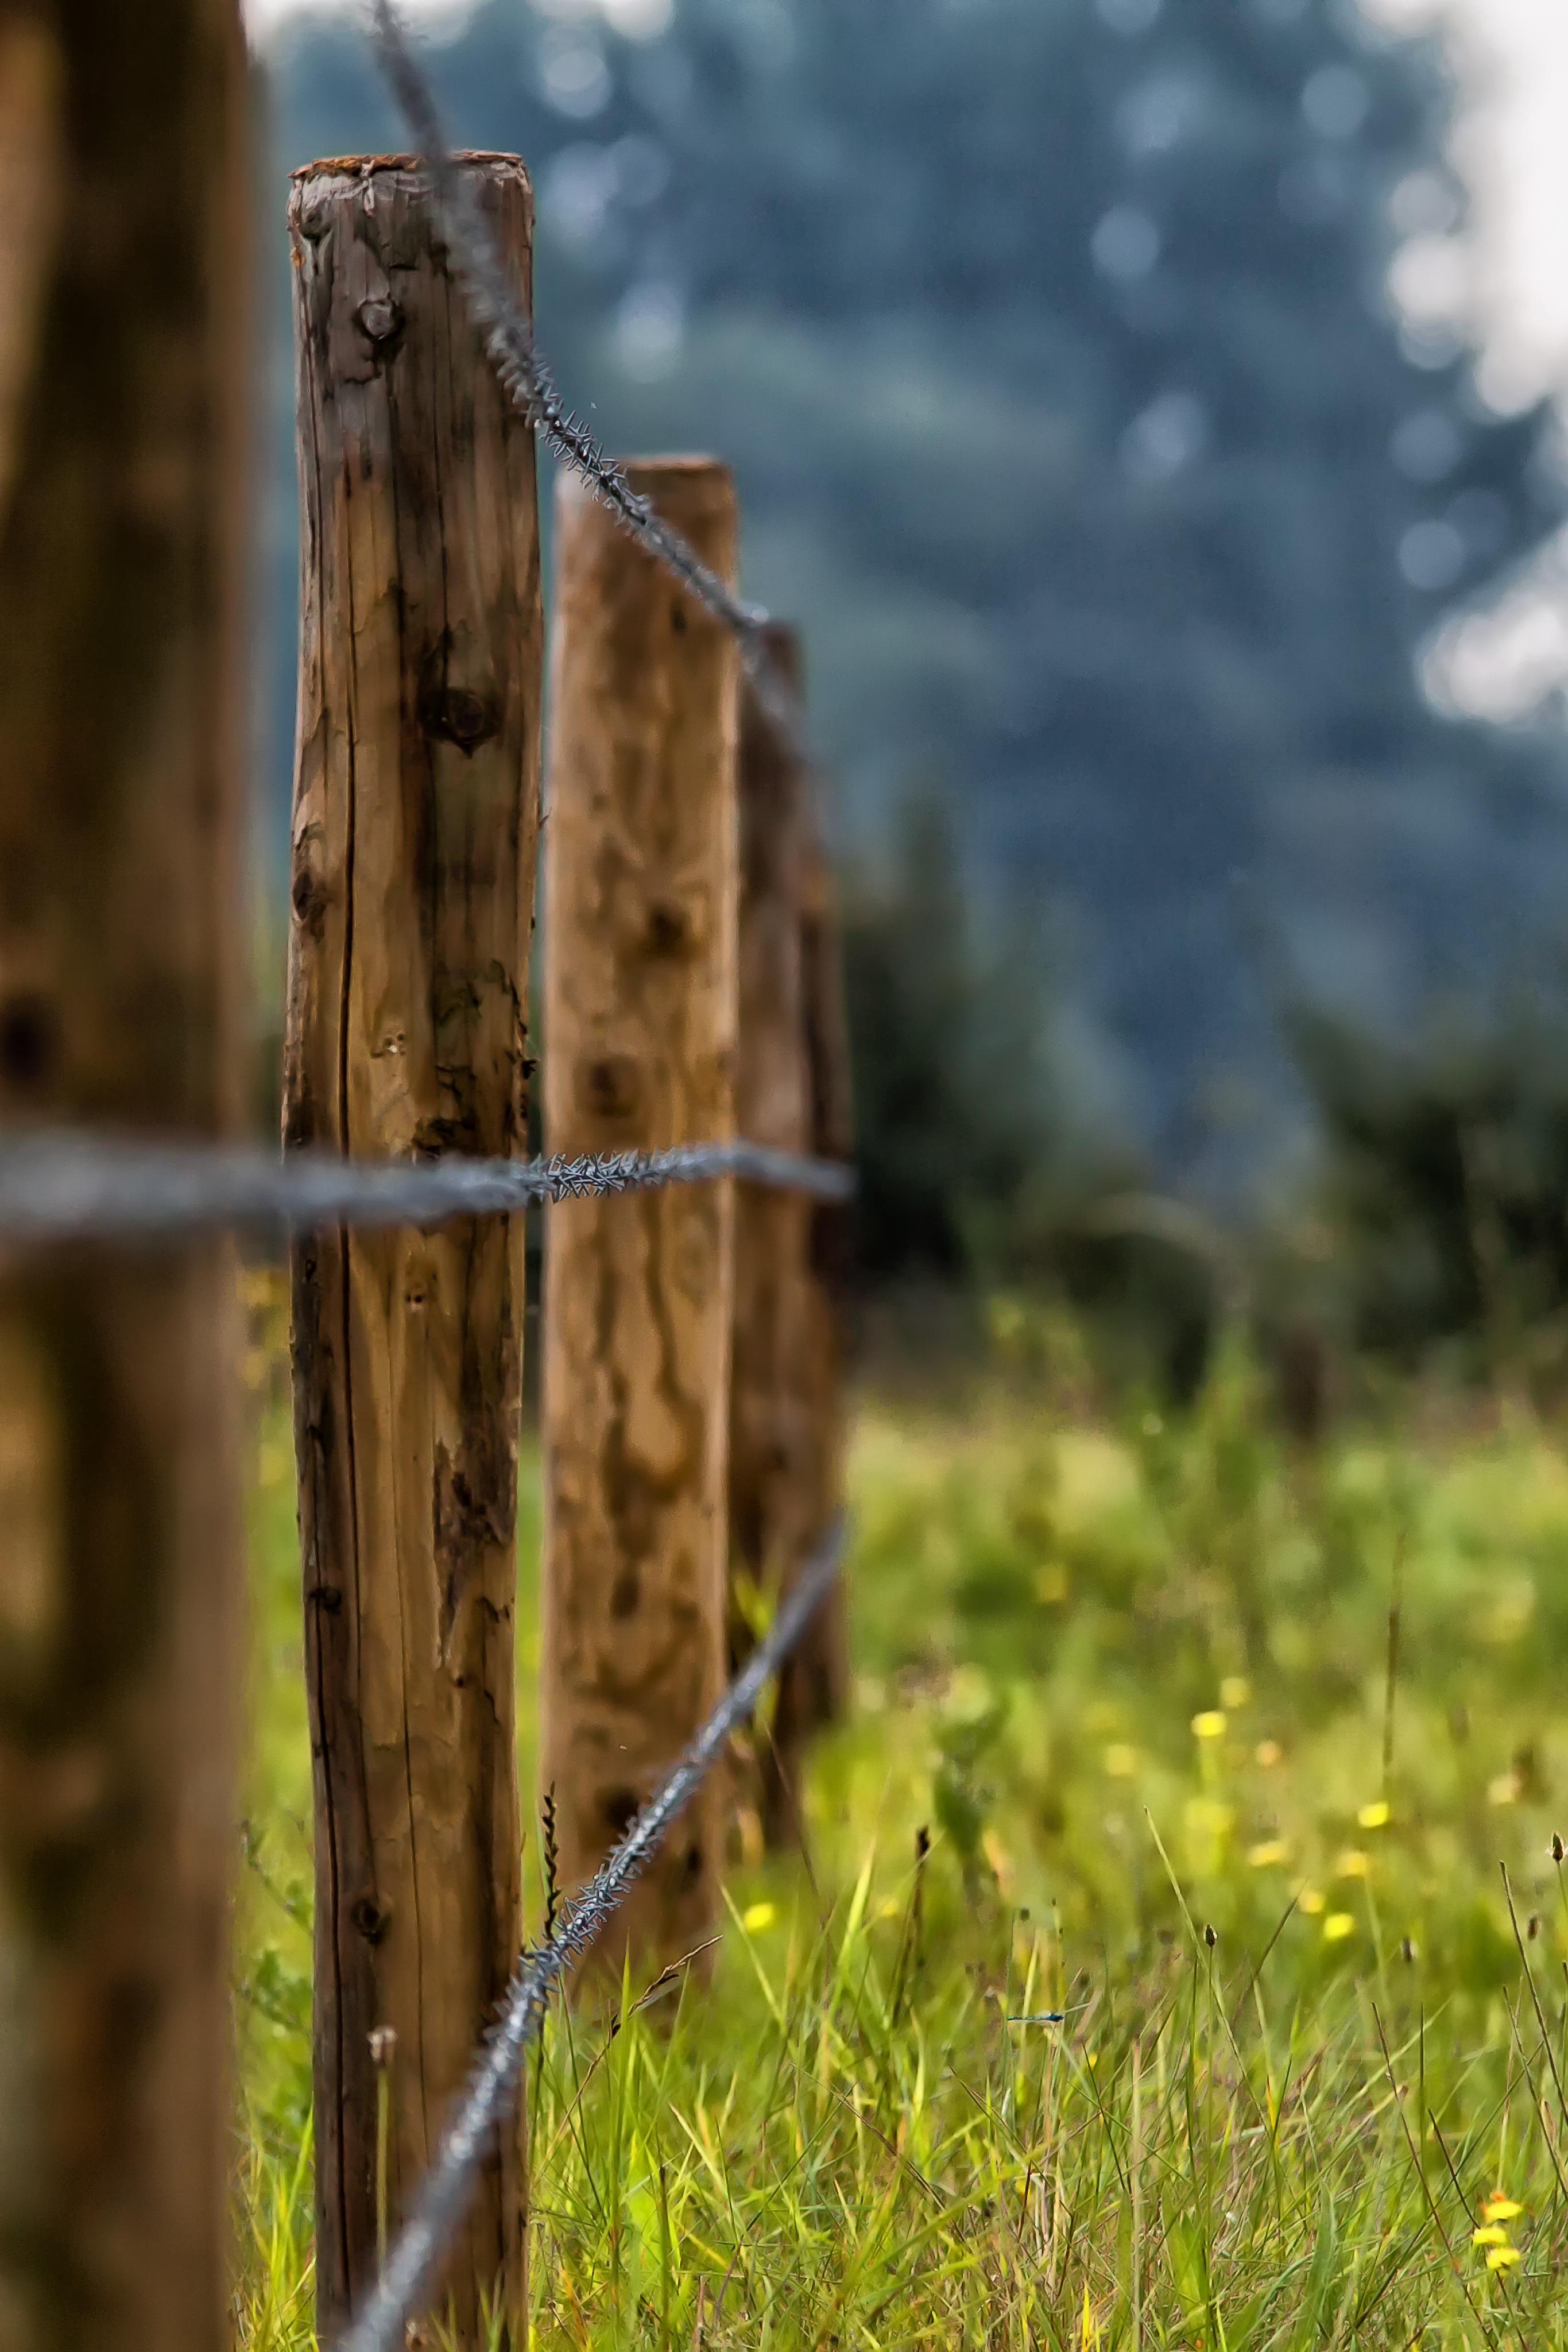 Fotos Gratis 225 Rbol Naturaleza Bosque C 233 Sped Cerca